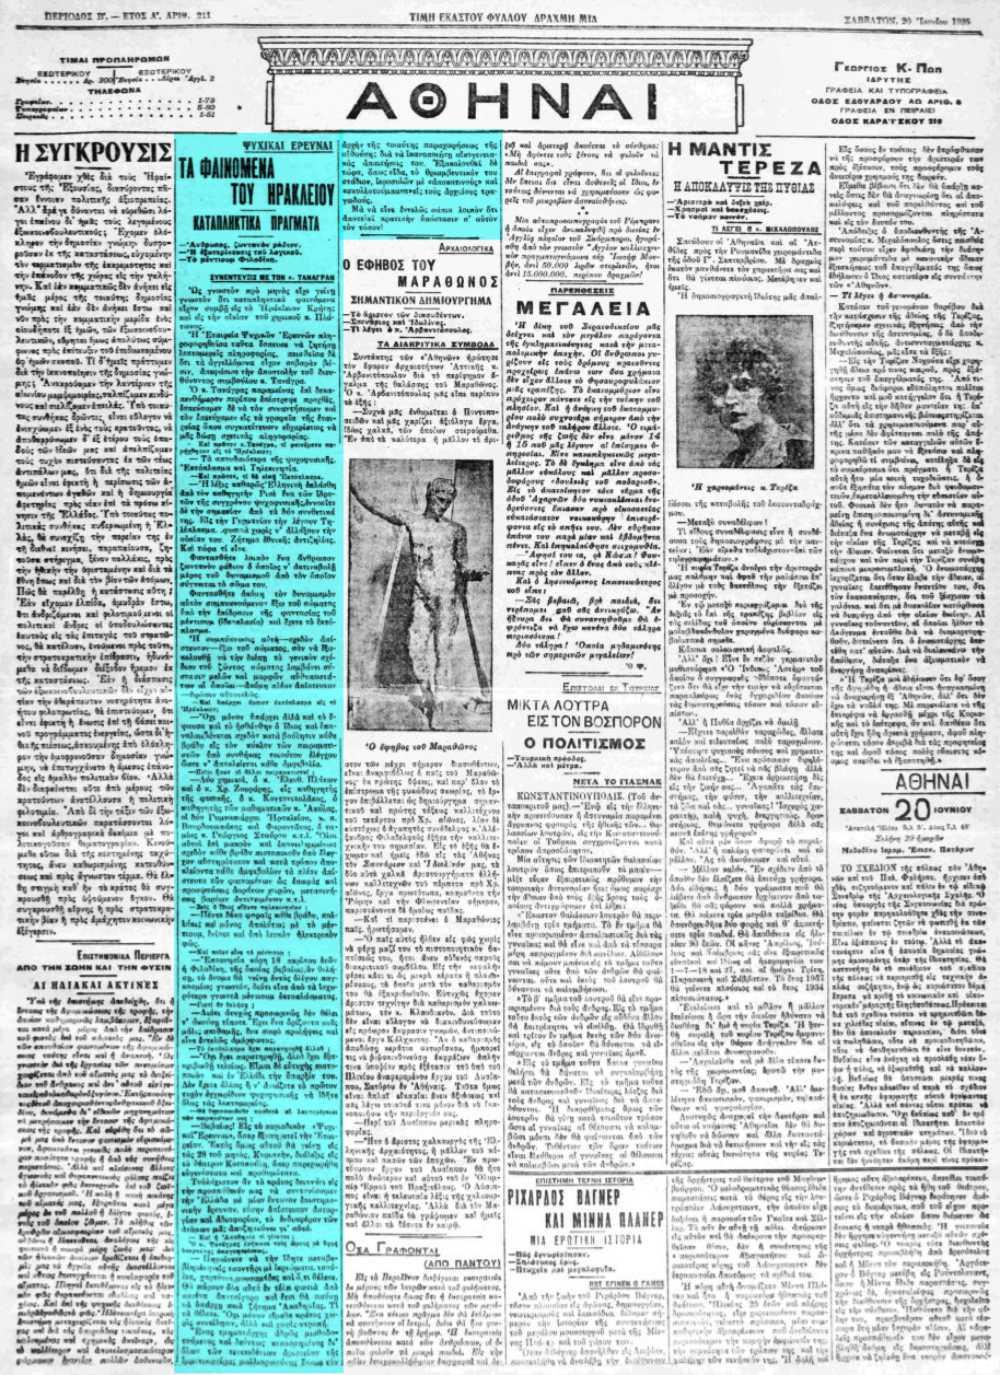 """Το άρθρο, όπως δημοσιεύθηκε στην εφημερίδα """"ΑΘΗΝΑΙ"""", στις 20/06/1925"""